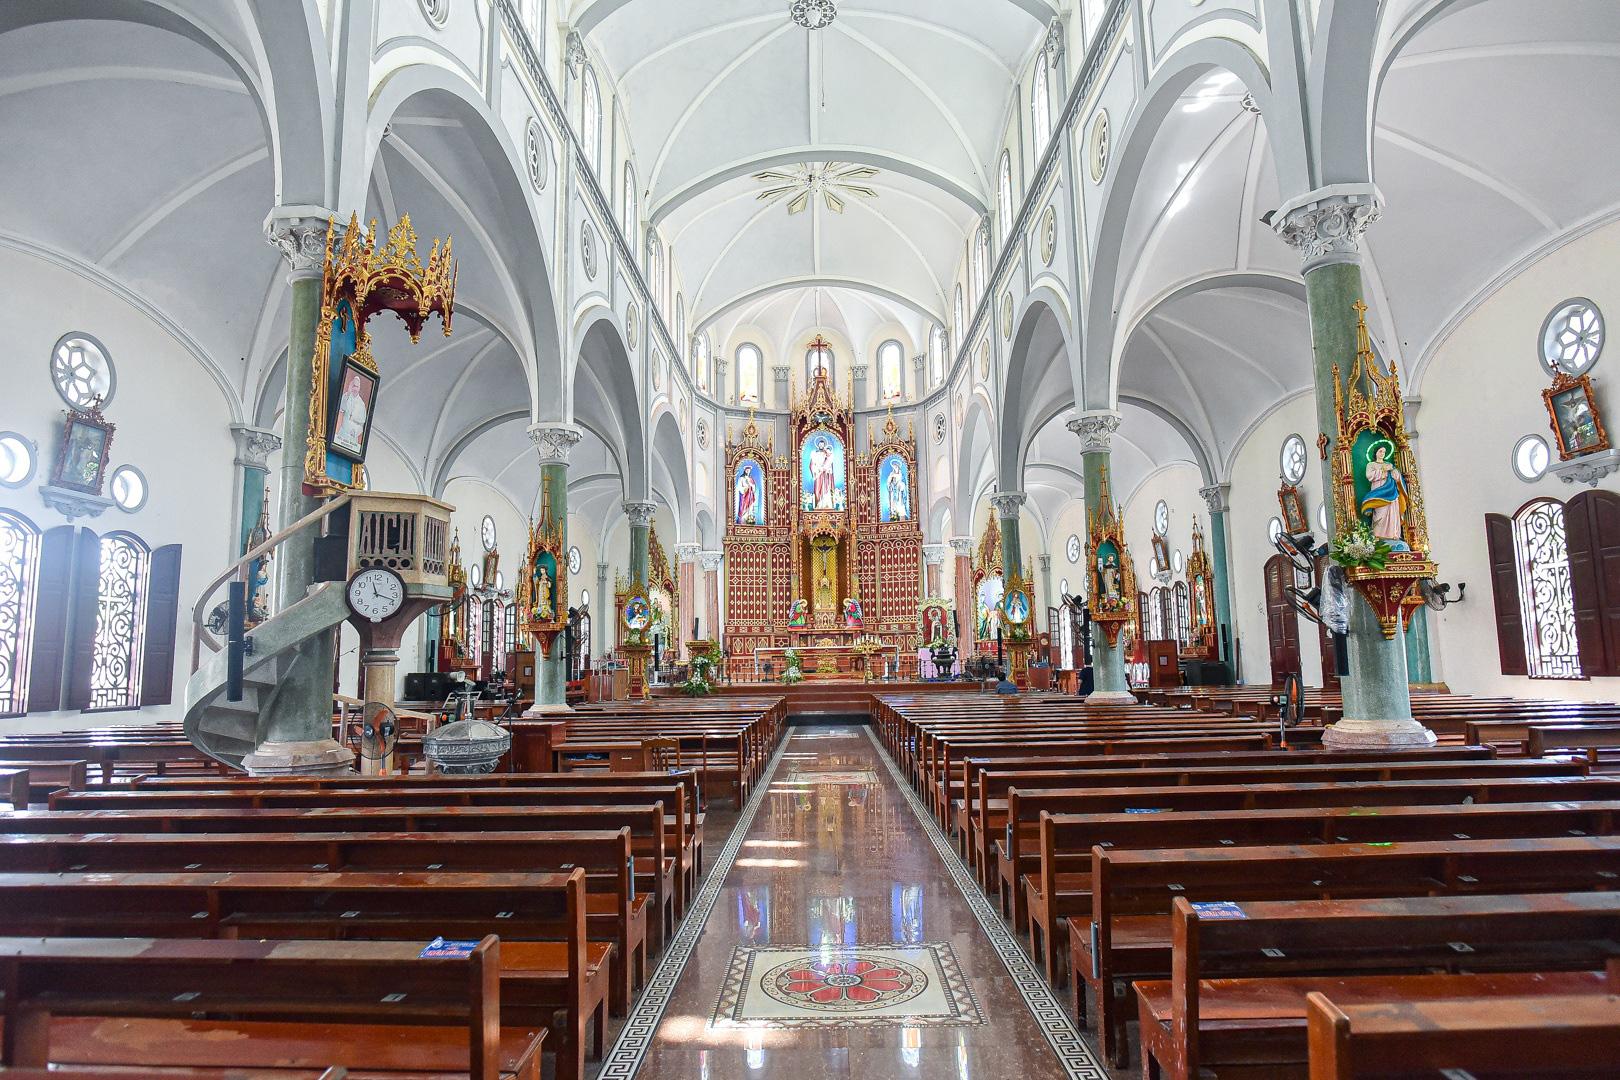 Đền Thánh Sa Châu - nhà thờ Nam Định đẹp uy nghi như ở trời Âu - Ảnh 2.